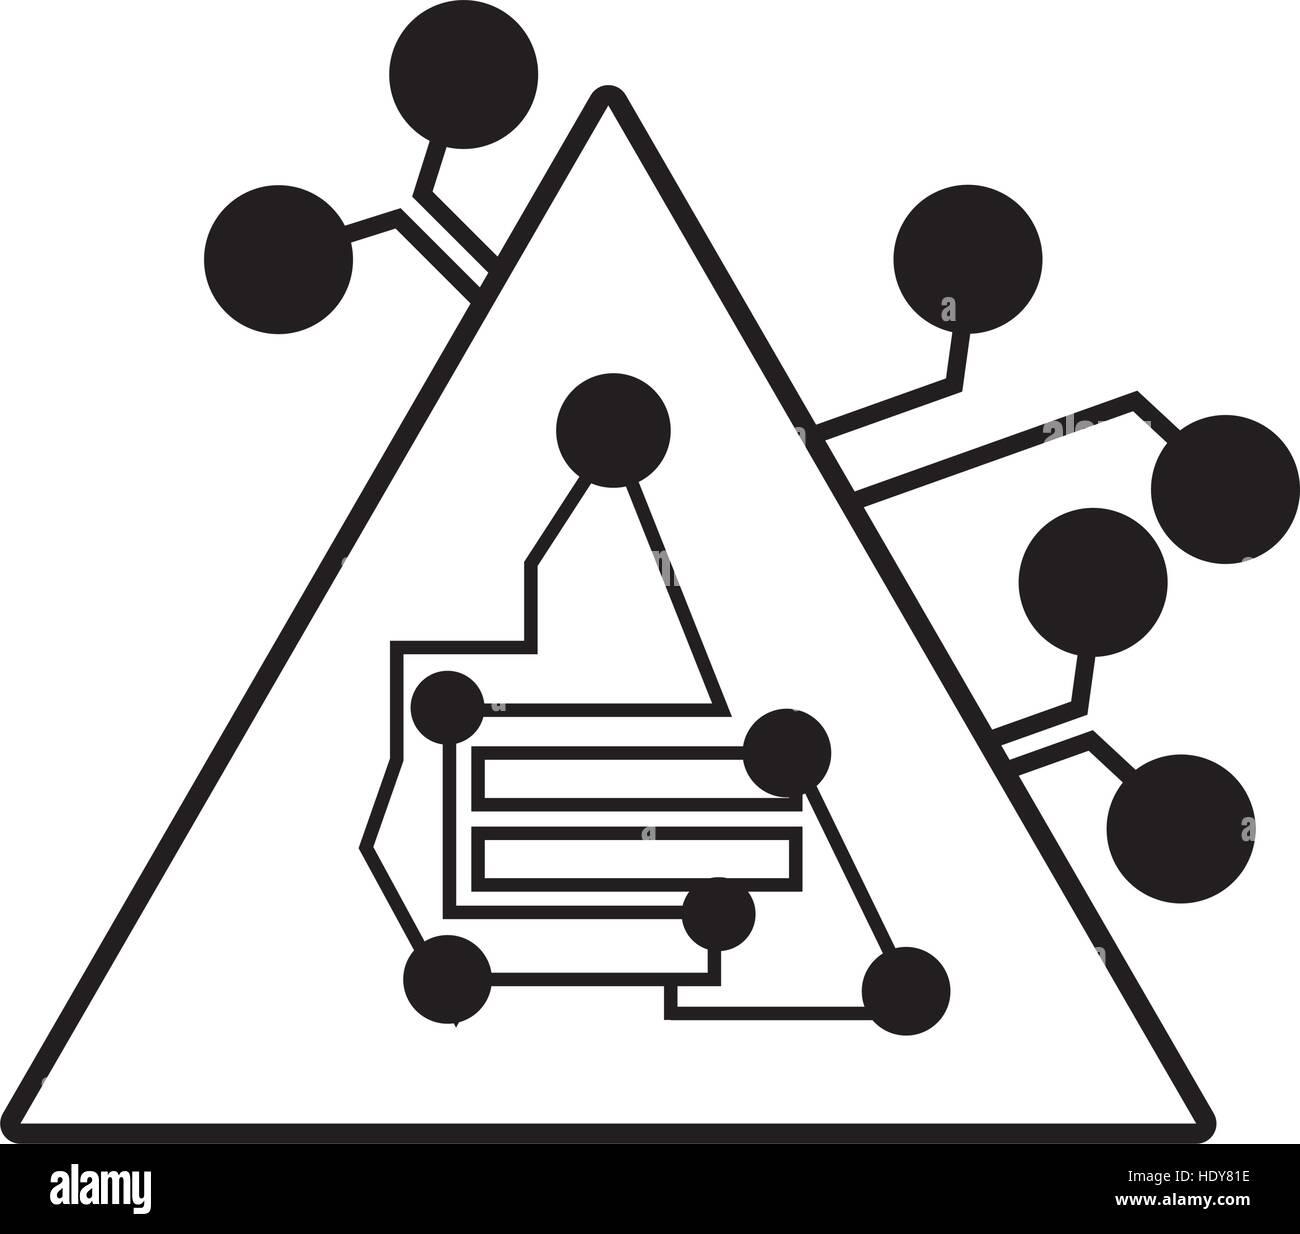 Circuito Lineal : Circuito informático triángulo lineal de componentes electrónicos